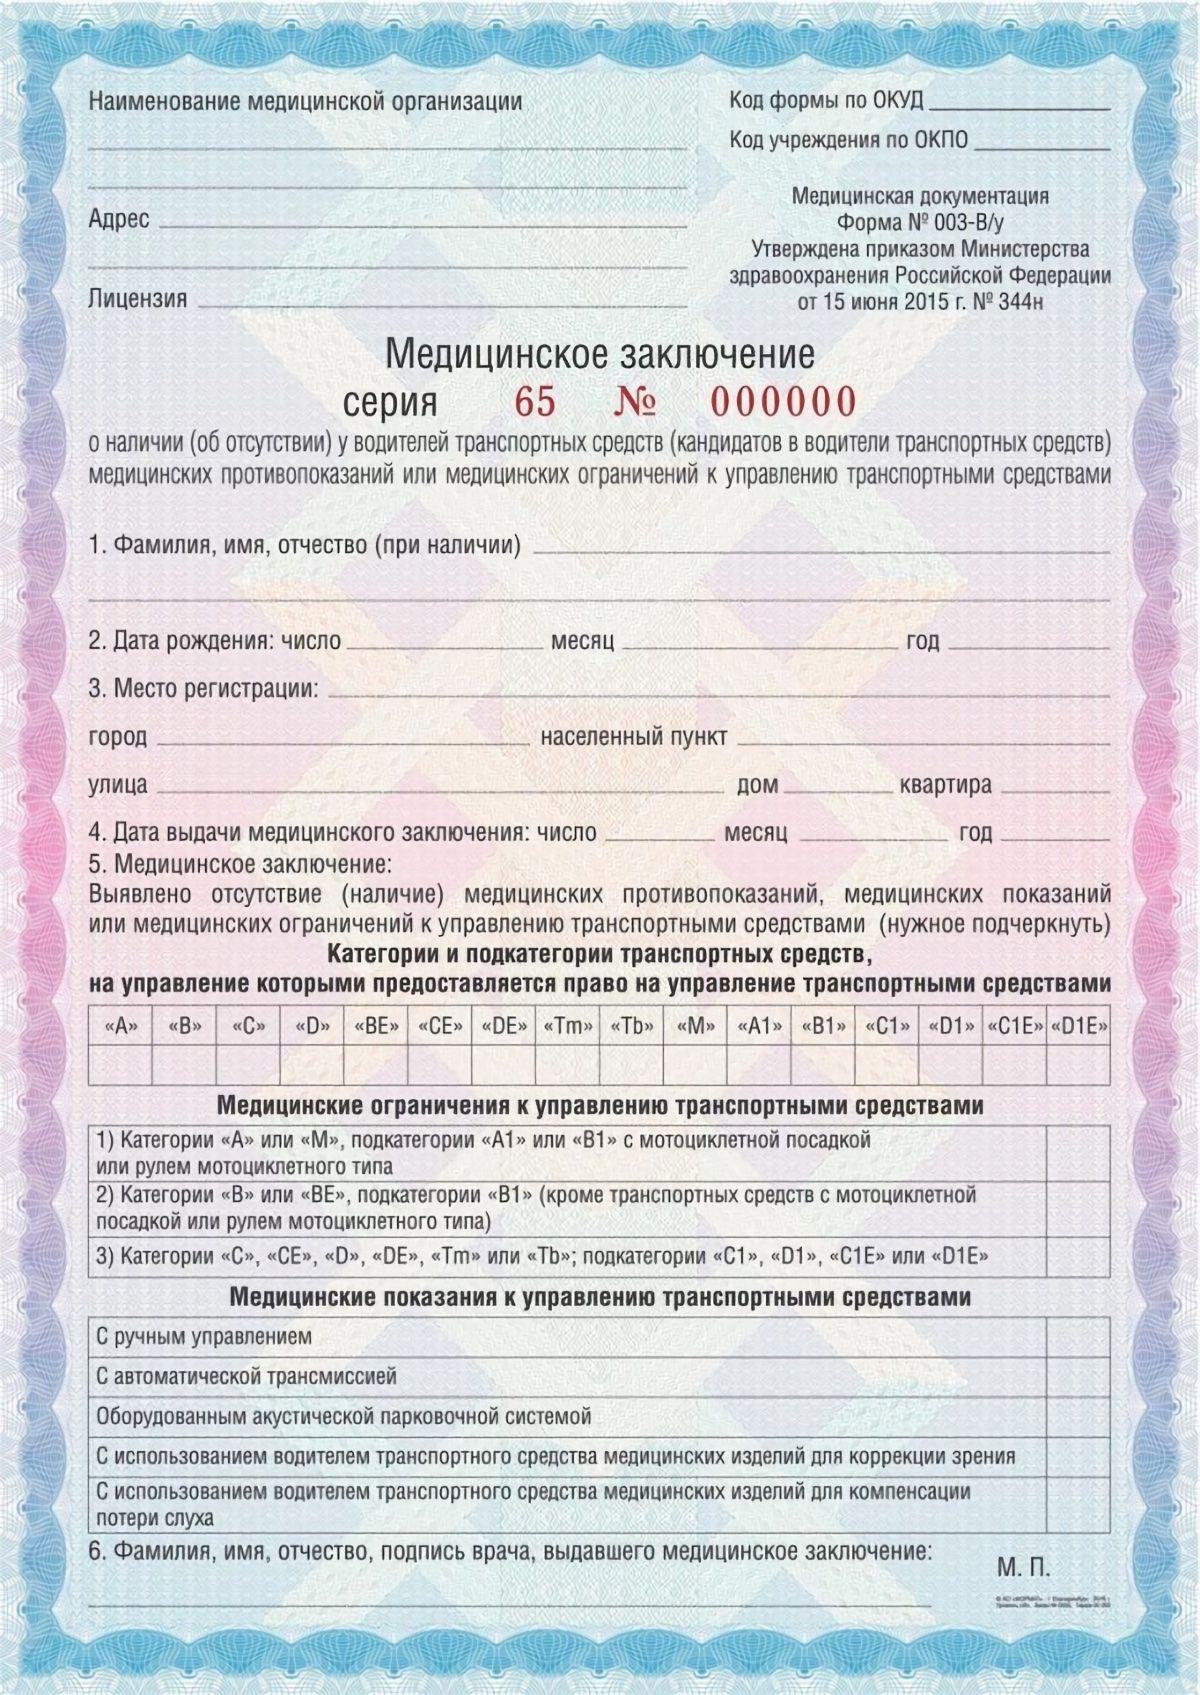 Бланк форма 003 ву